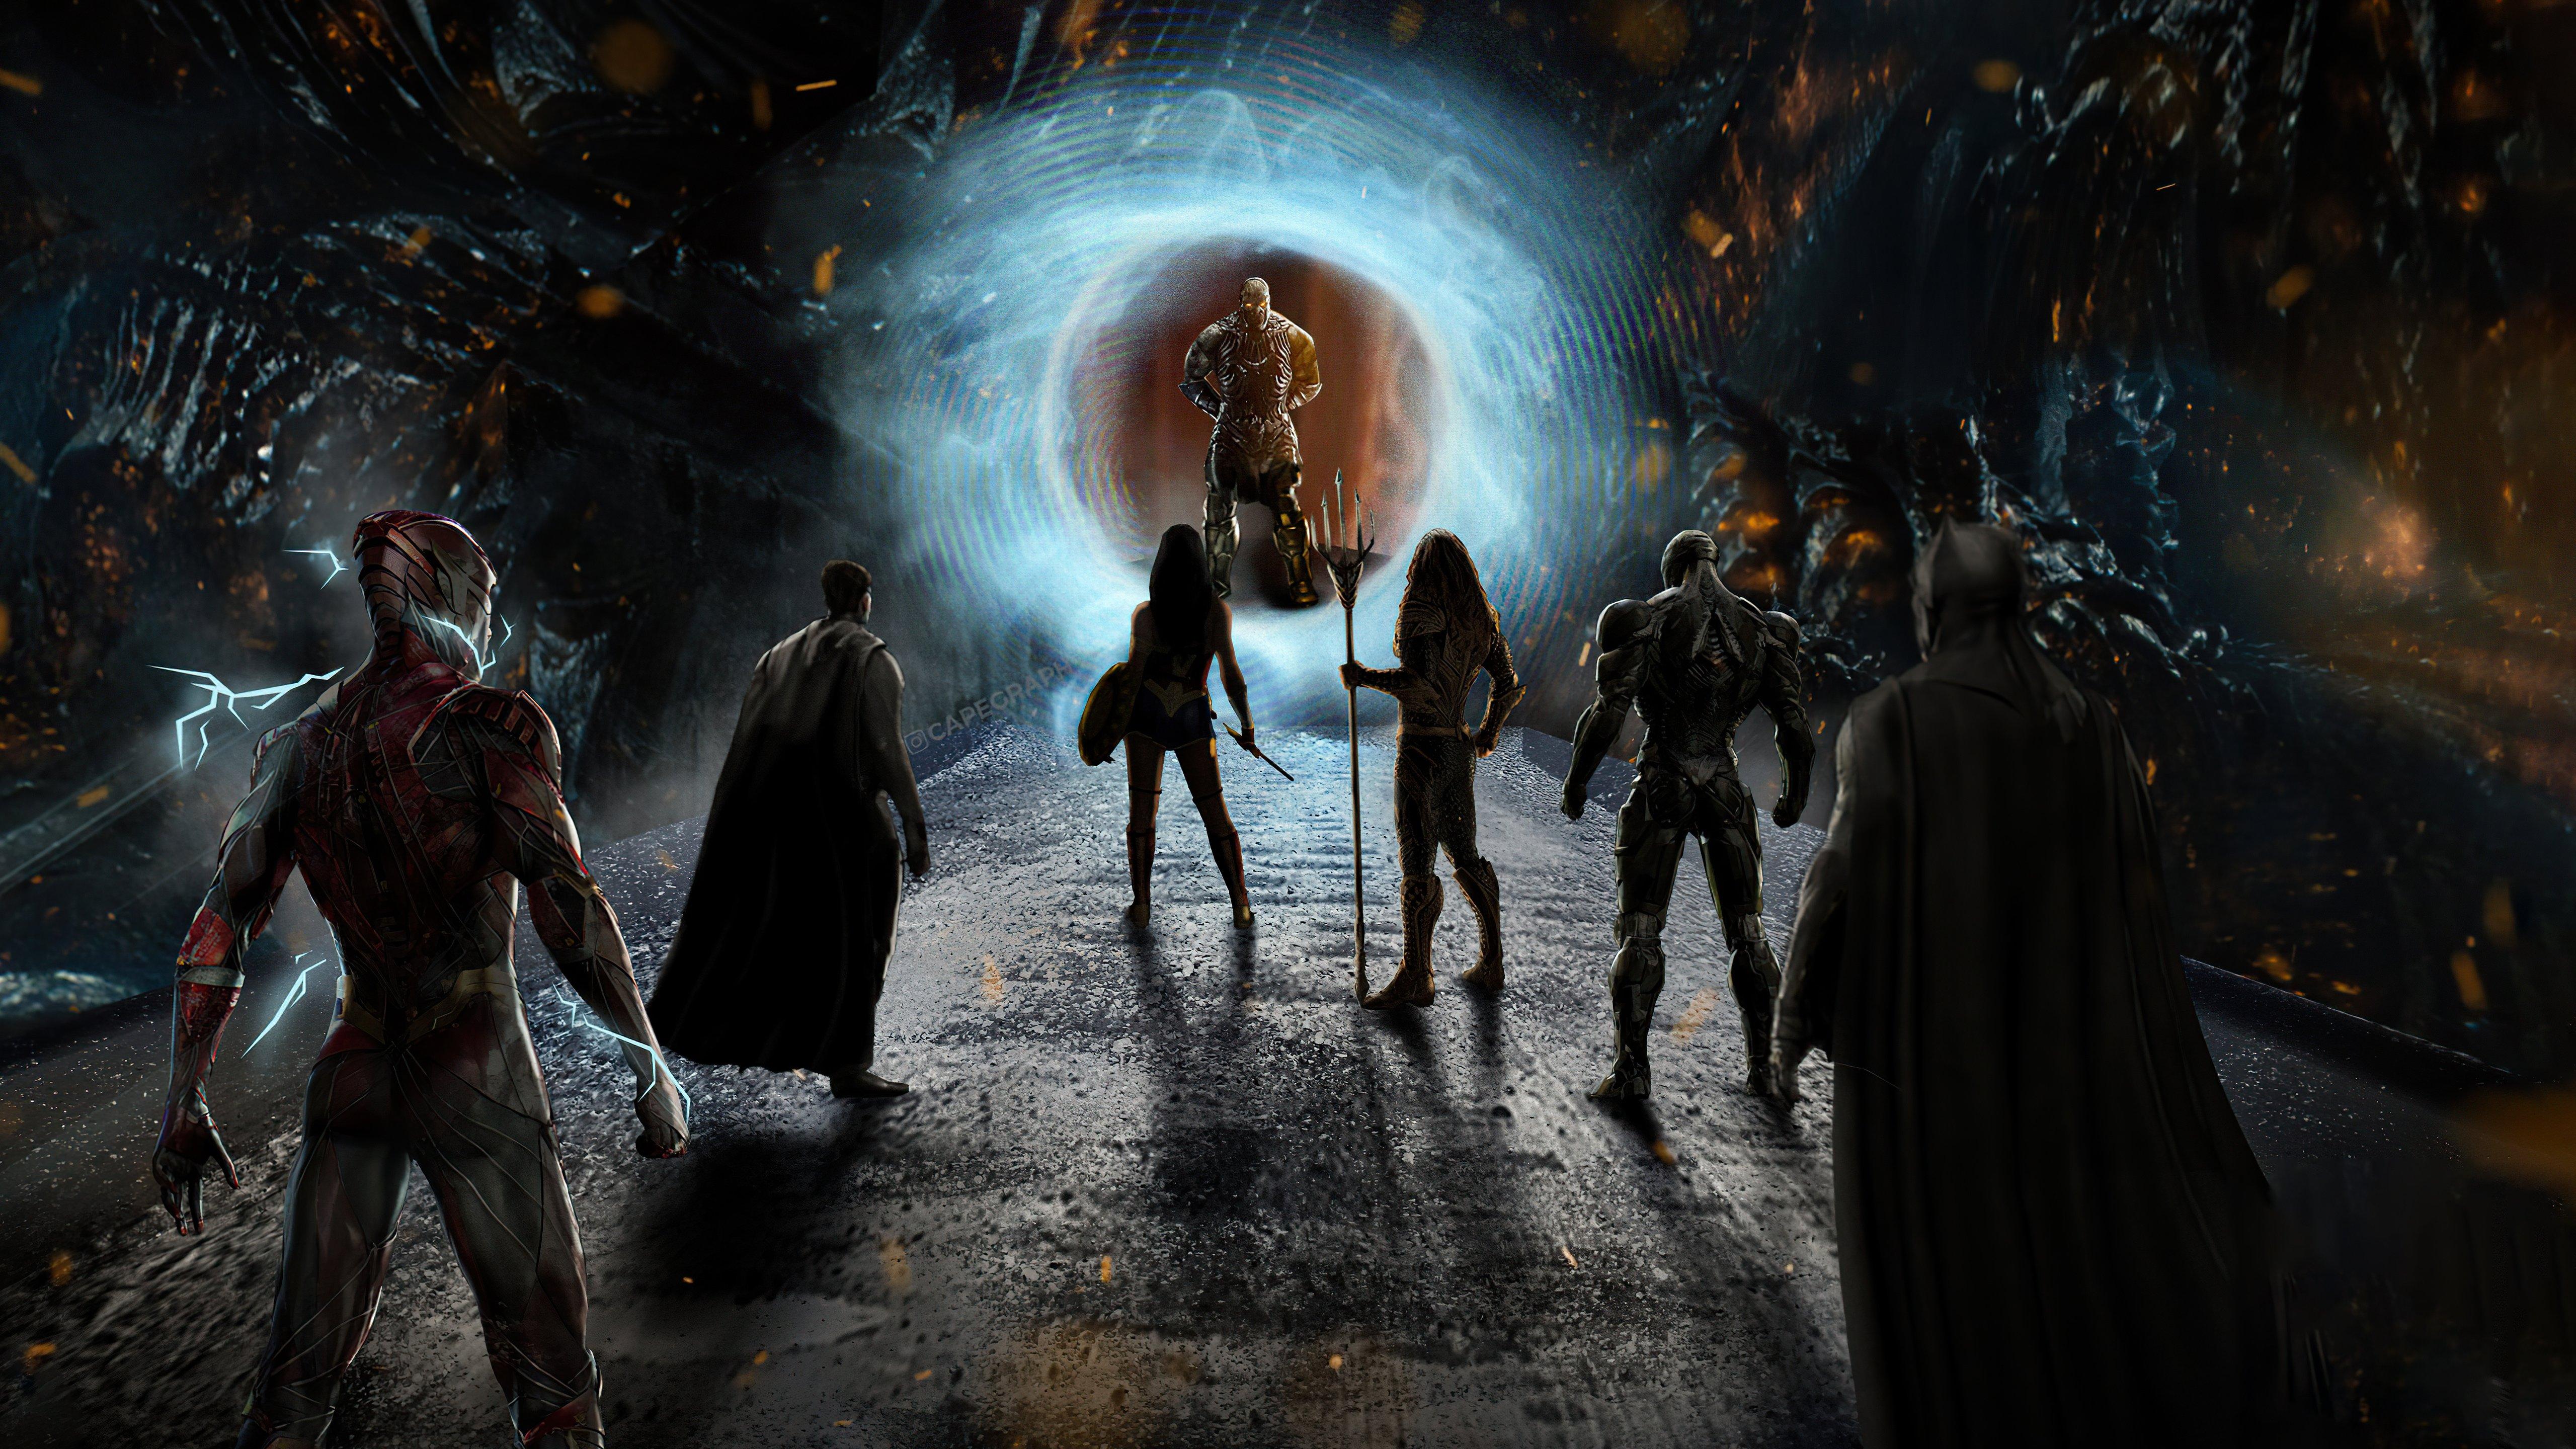 Fondos de pantalla Heroes de Liga de la Justicia contra Darkseid